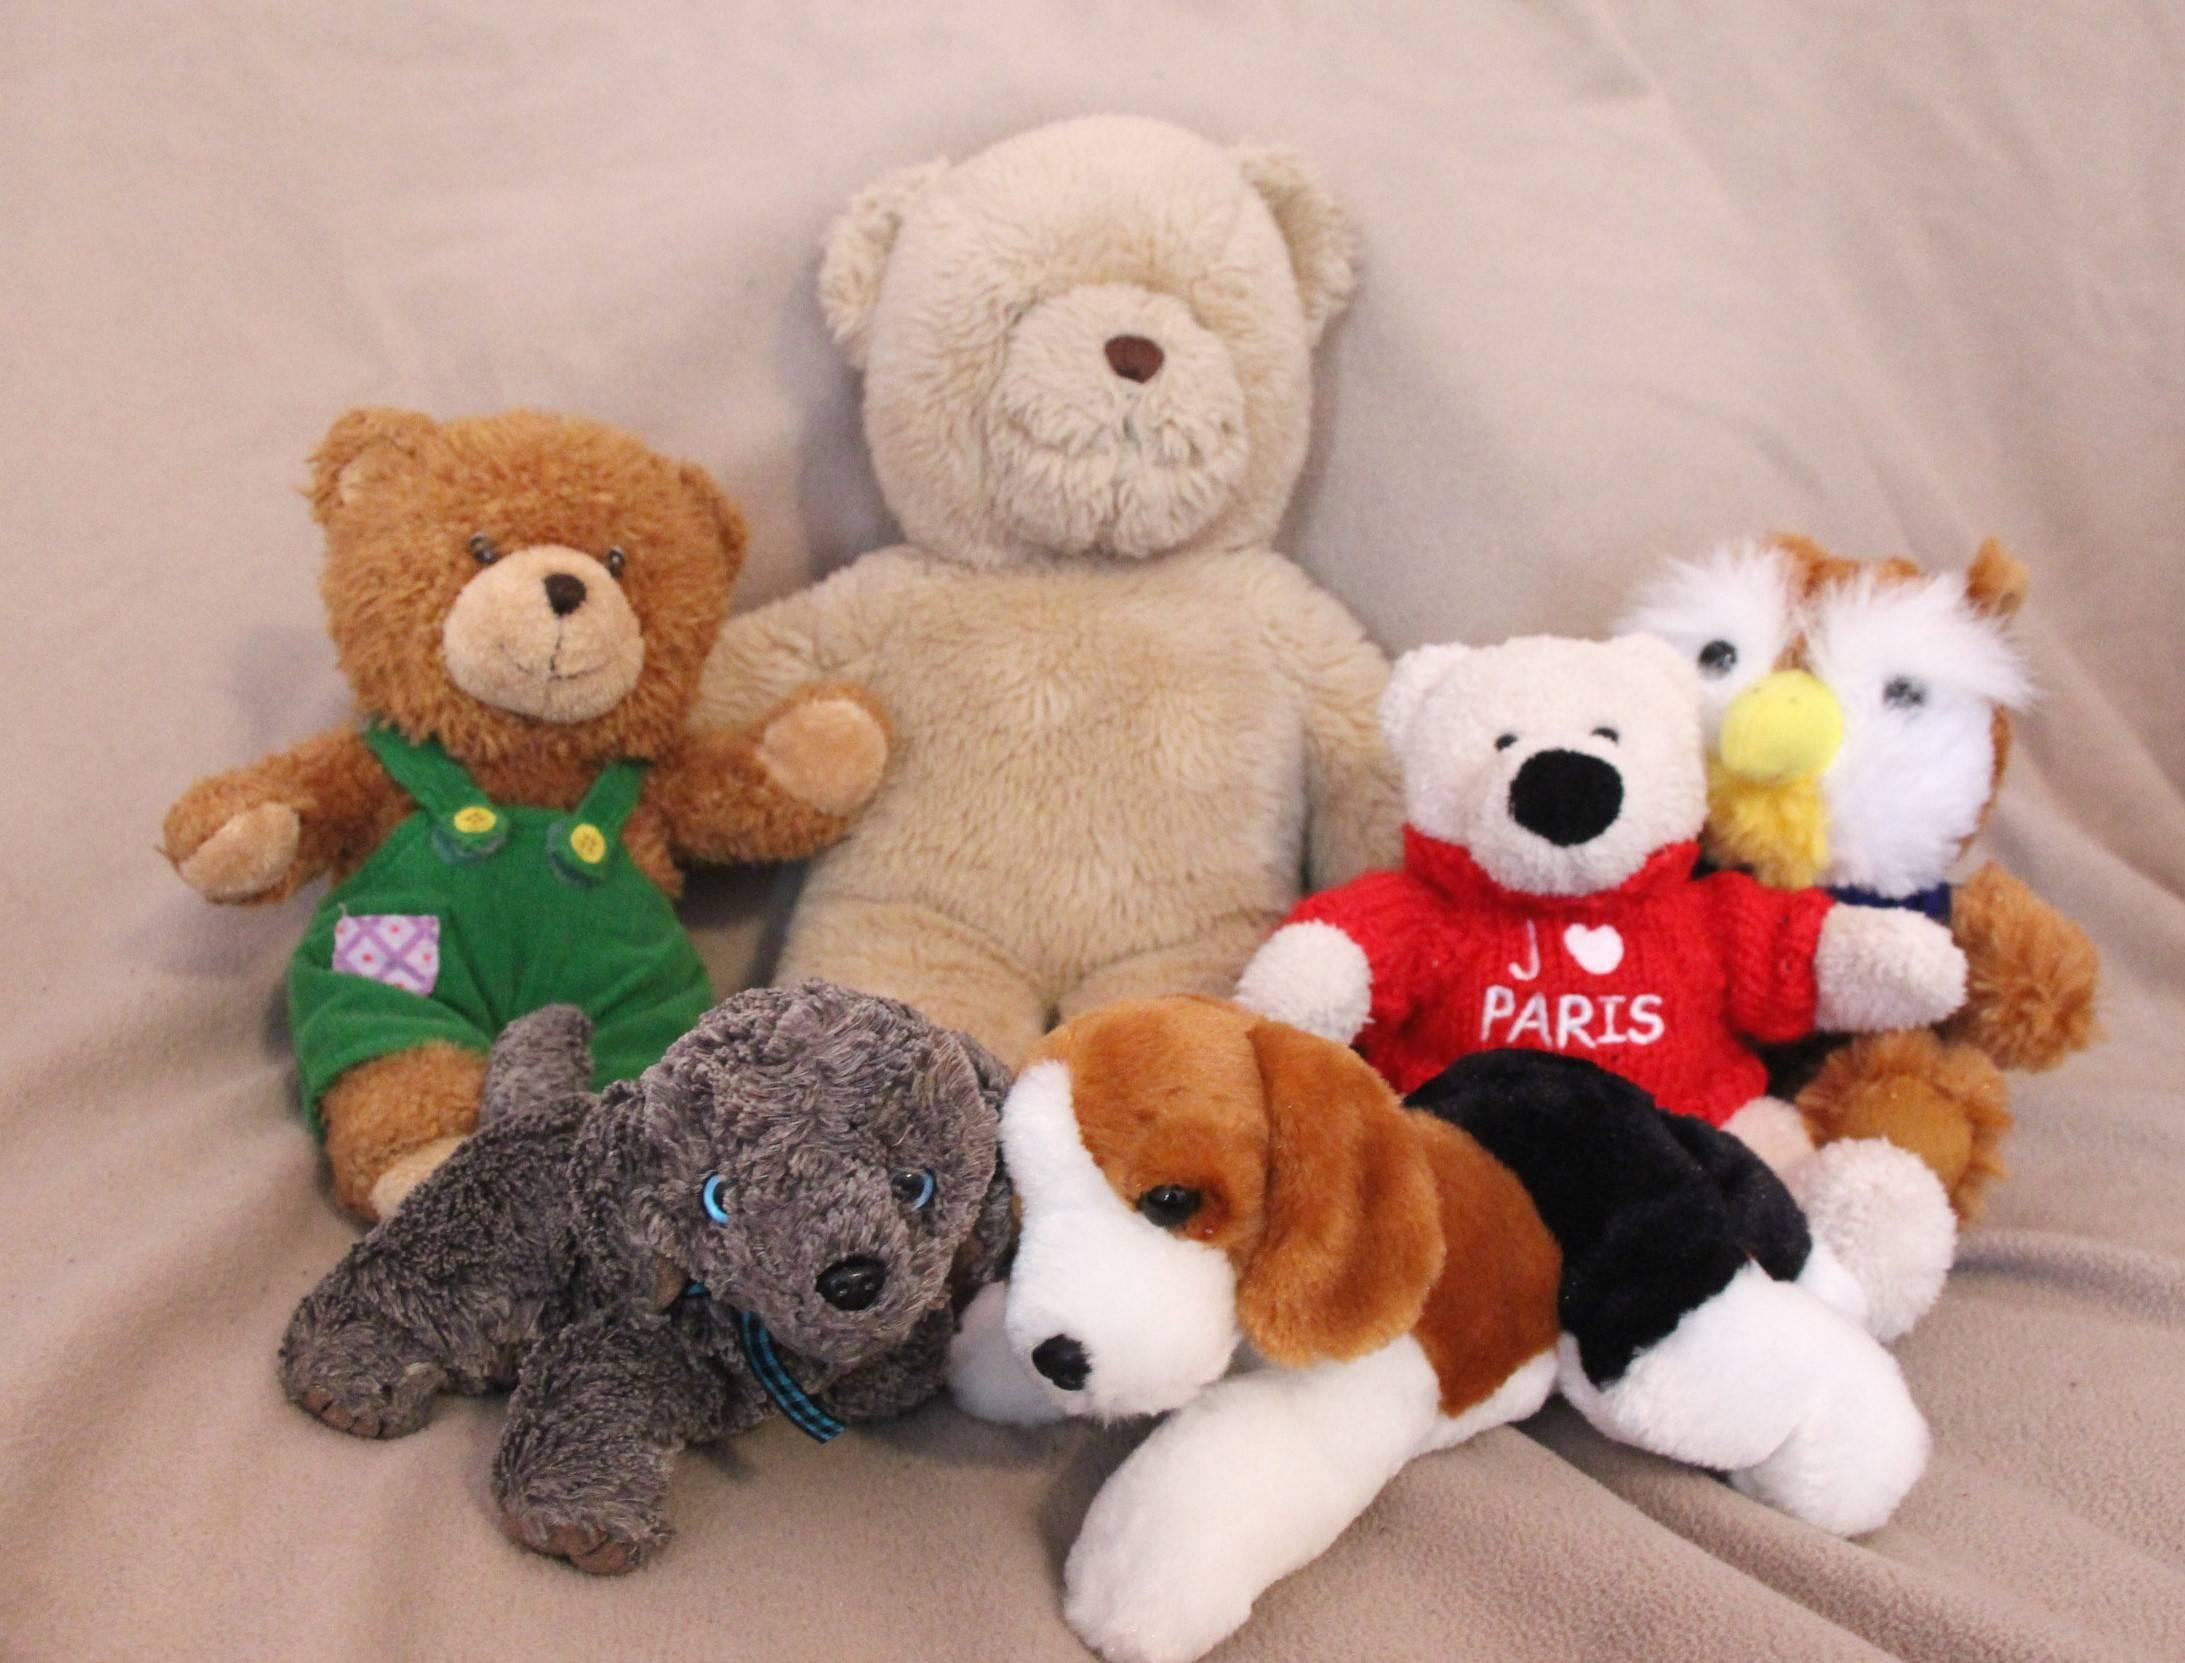 3f06d13f3380ca1f6415_EDIT_teddy_bear_shot.jpg